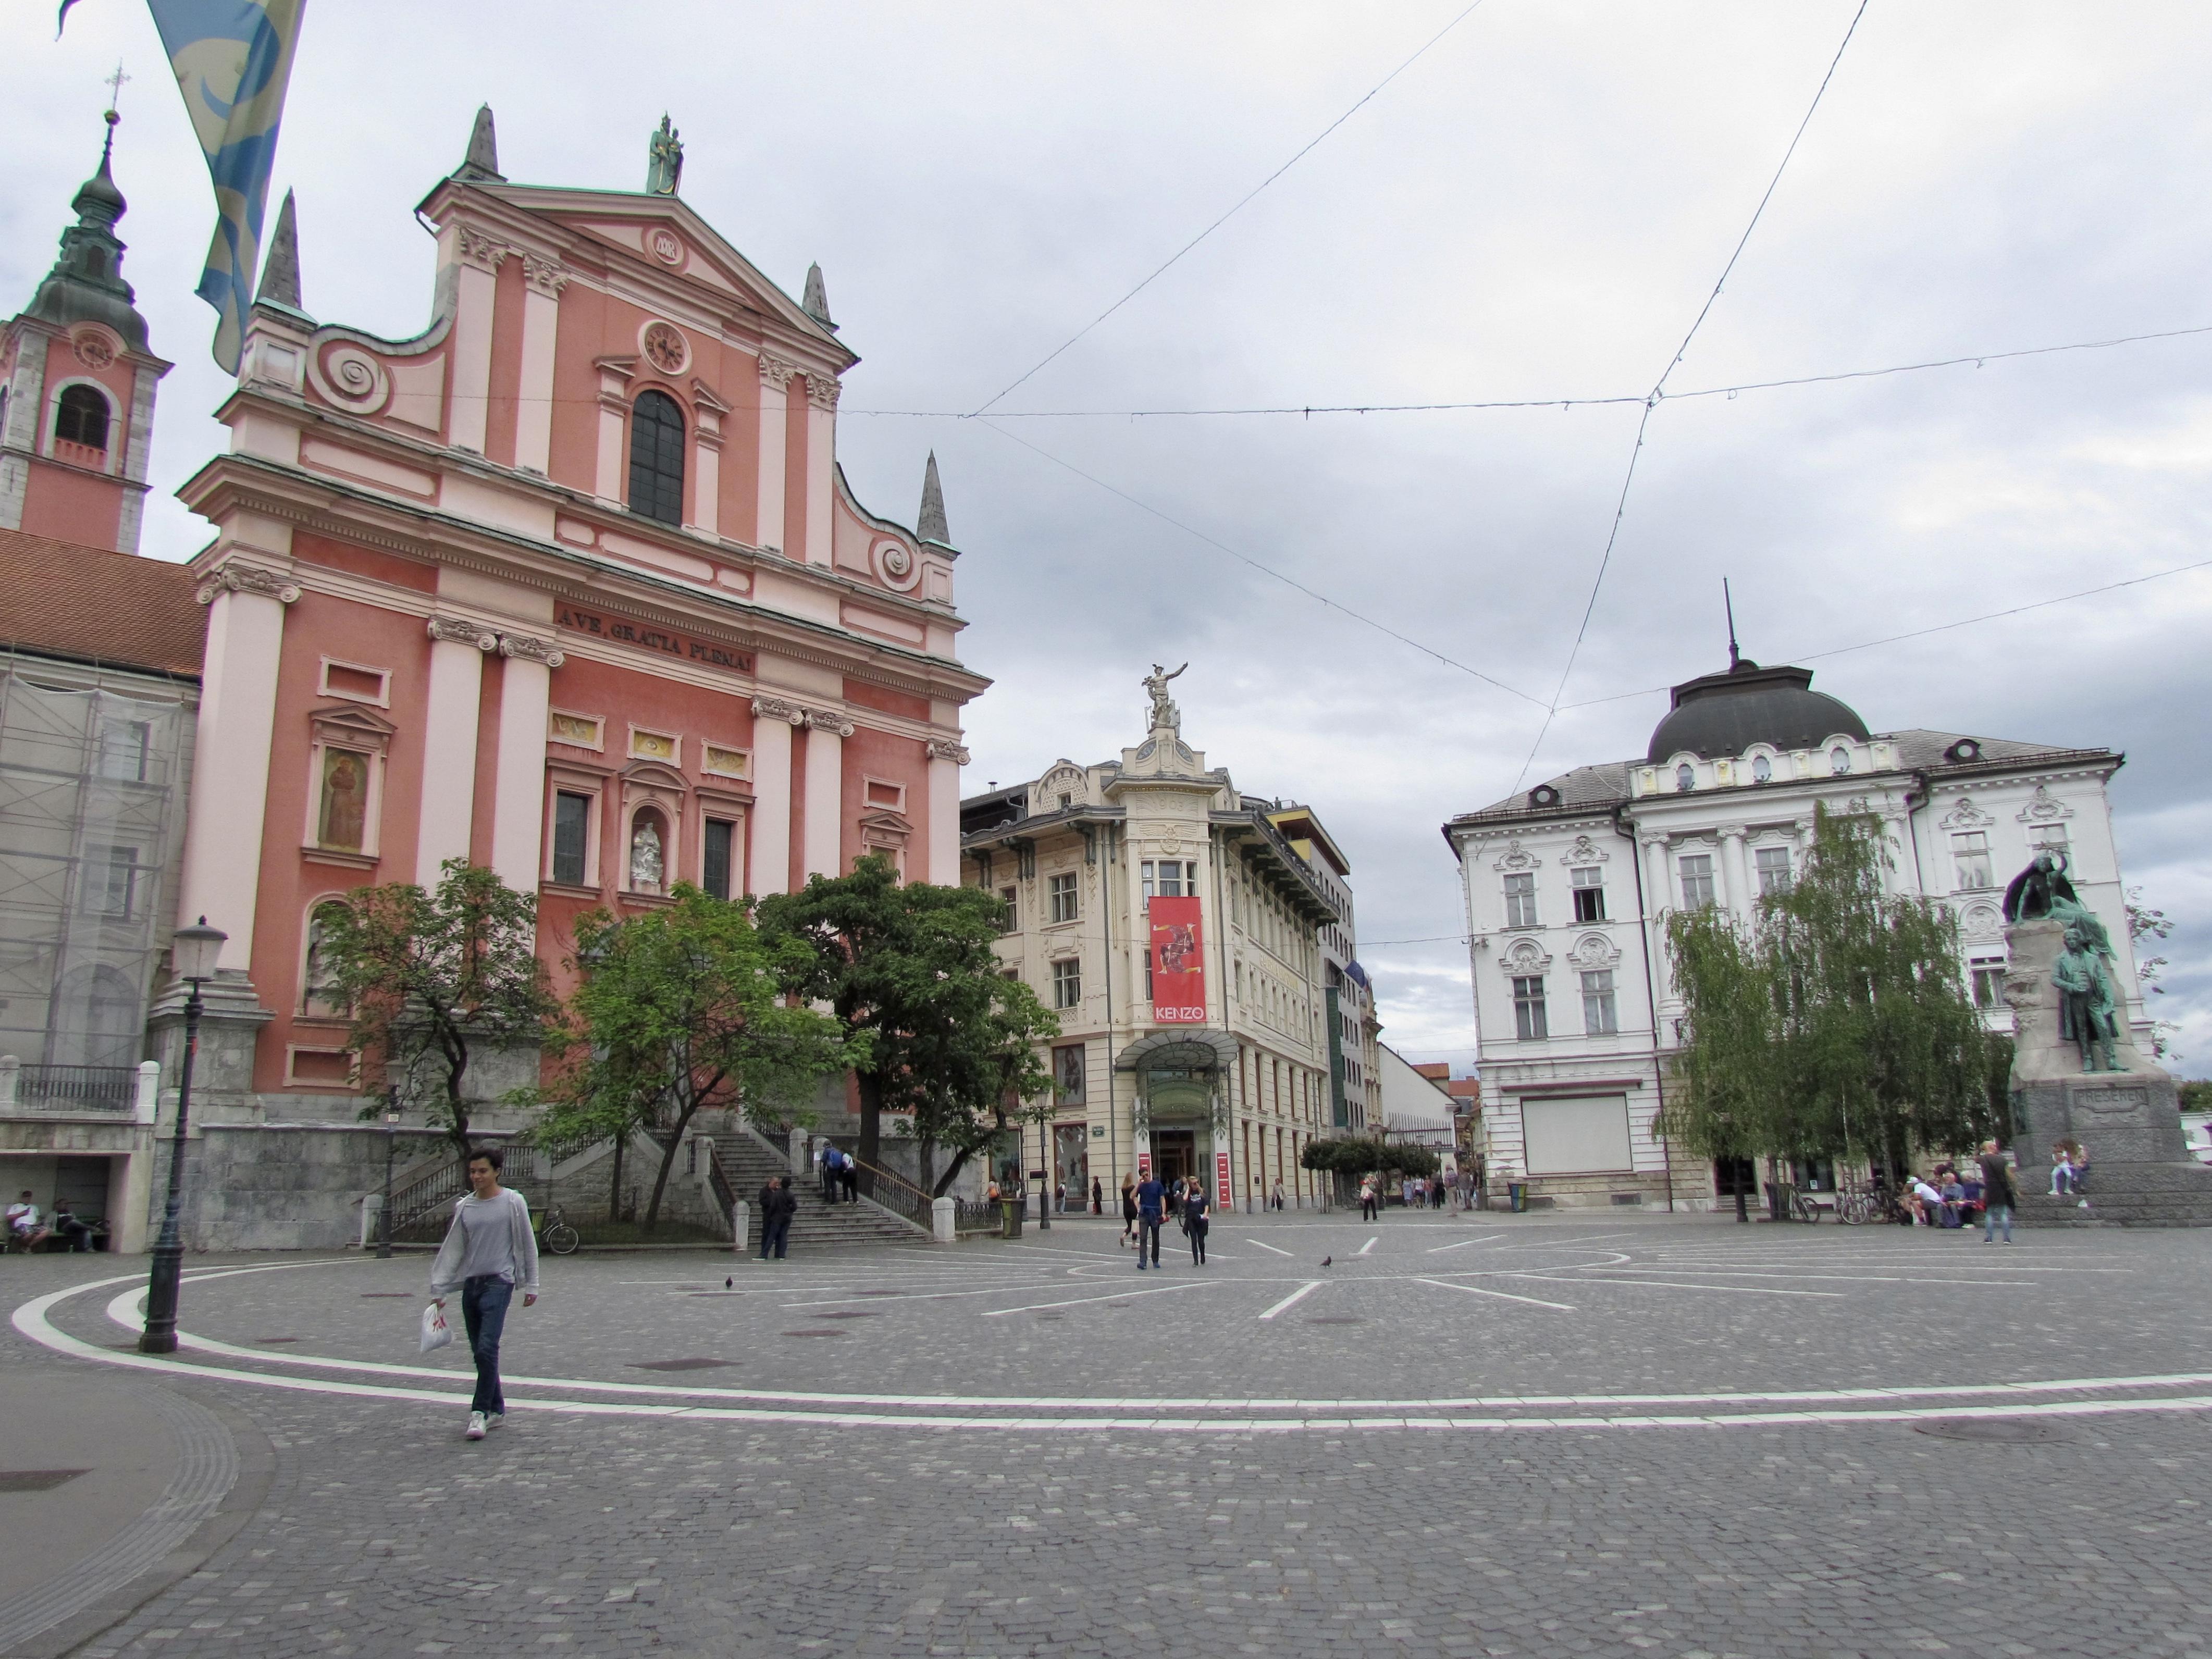 Prešernov Square